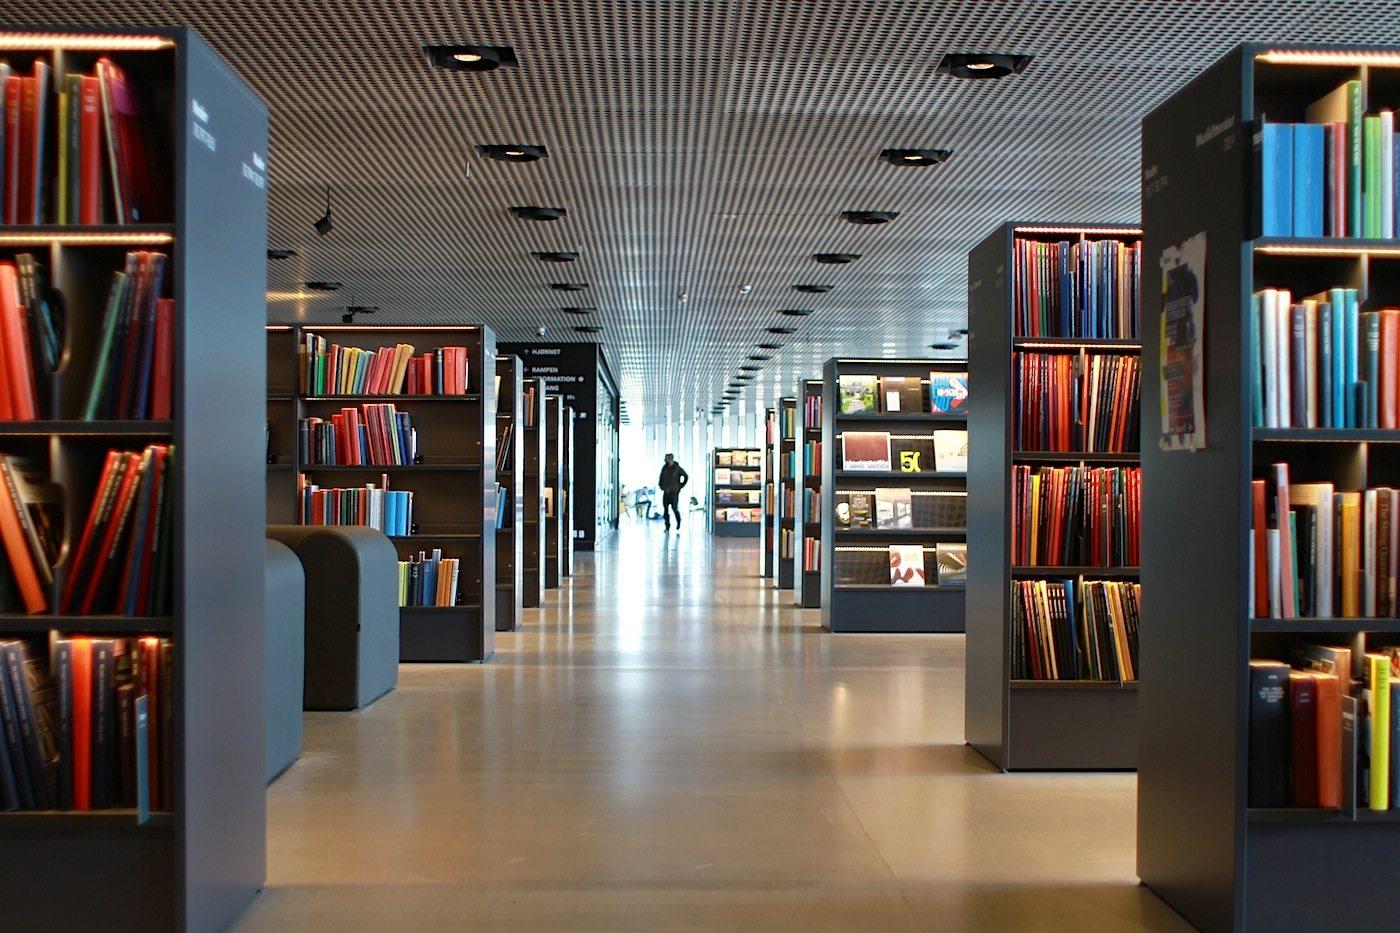 Dokk1. ... ein Ort des Austauschs, ein multikultureller Treffpunkt, ein Symbol für die Wissensgesellschaft, so die Architekten weiter.